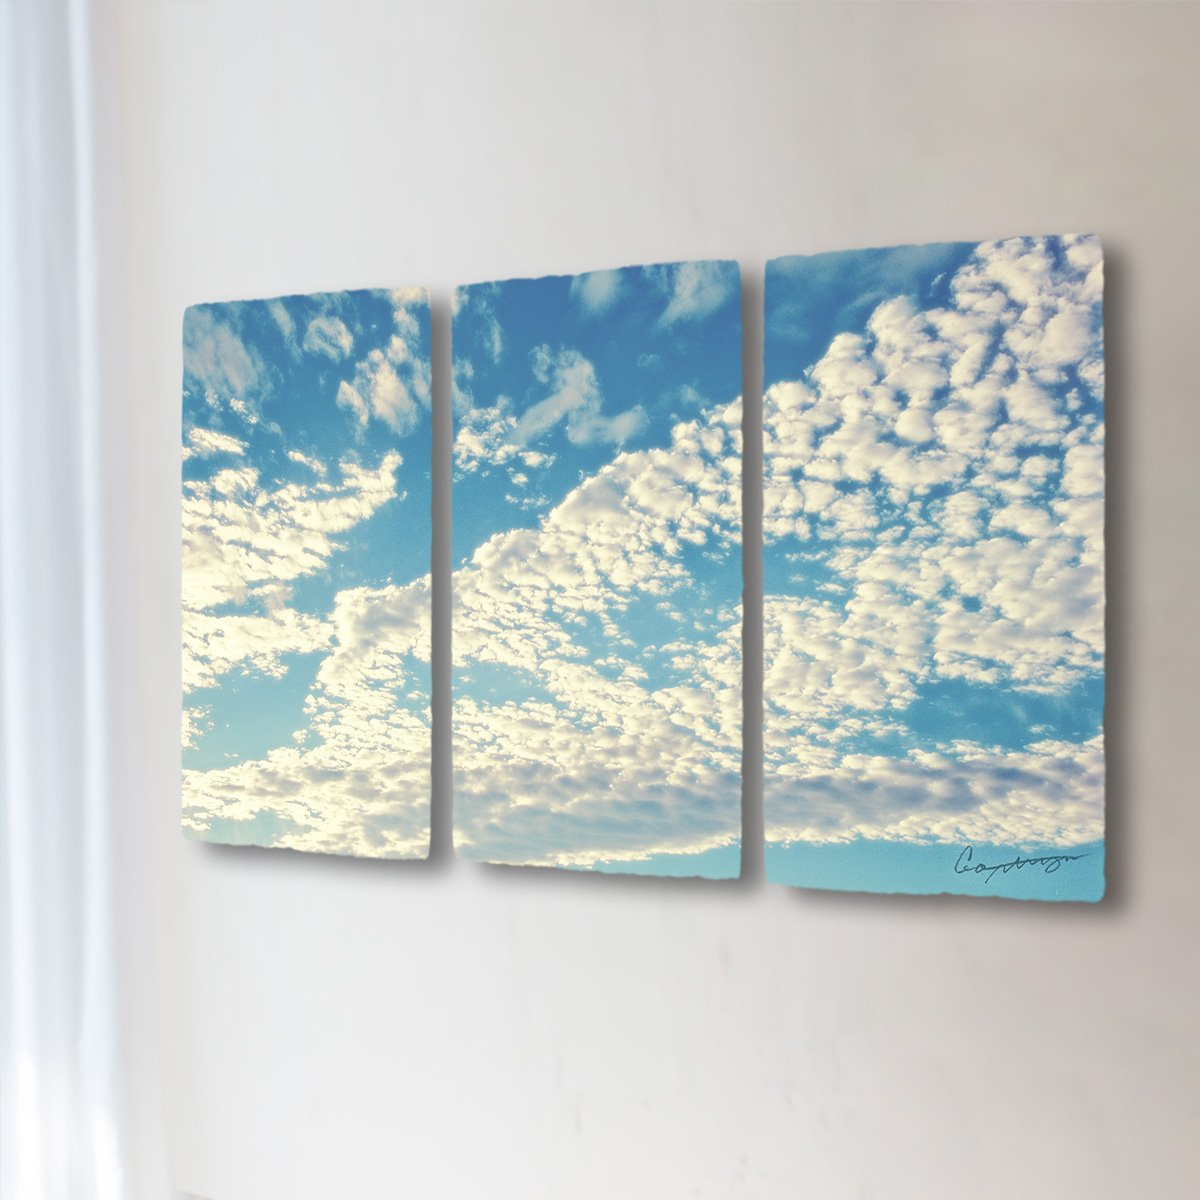 和紙 アートパネル 3枚 続き 「青空に輝くうろこ雲」 (144x81cm) 絵 絵画 壁掛け 壁飾り インテリア アート B074XGF88W 36.アートパネル3枚続き(長辺144cm) 250000円|青空に輝くうろこ雲 青空に輝くうろこ雲 36.アートパネル3枚続き(長辺144cm) 250000円